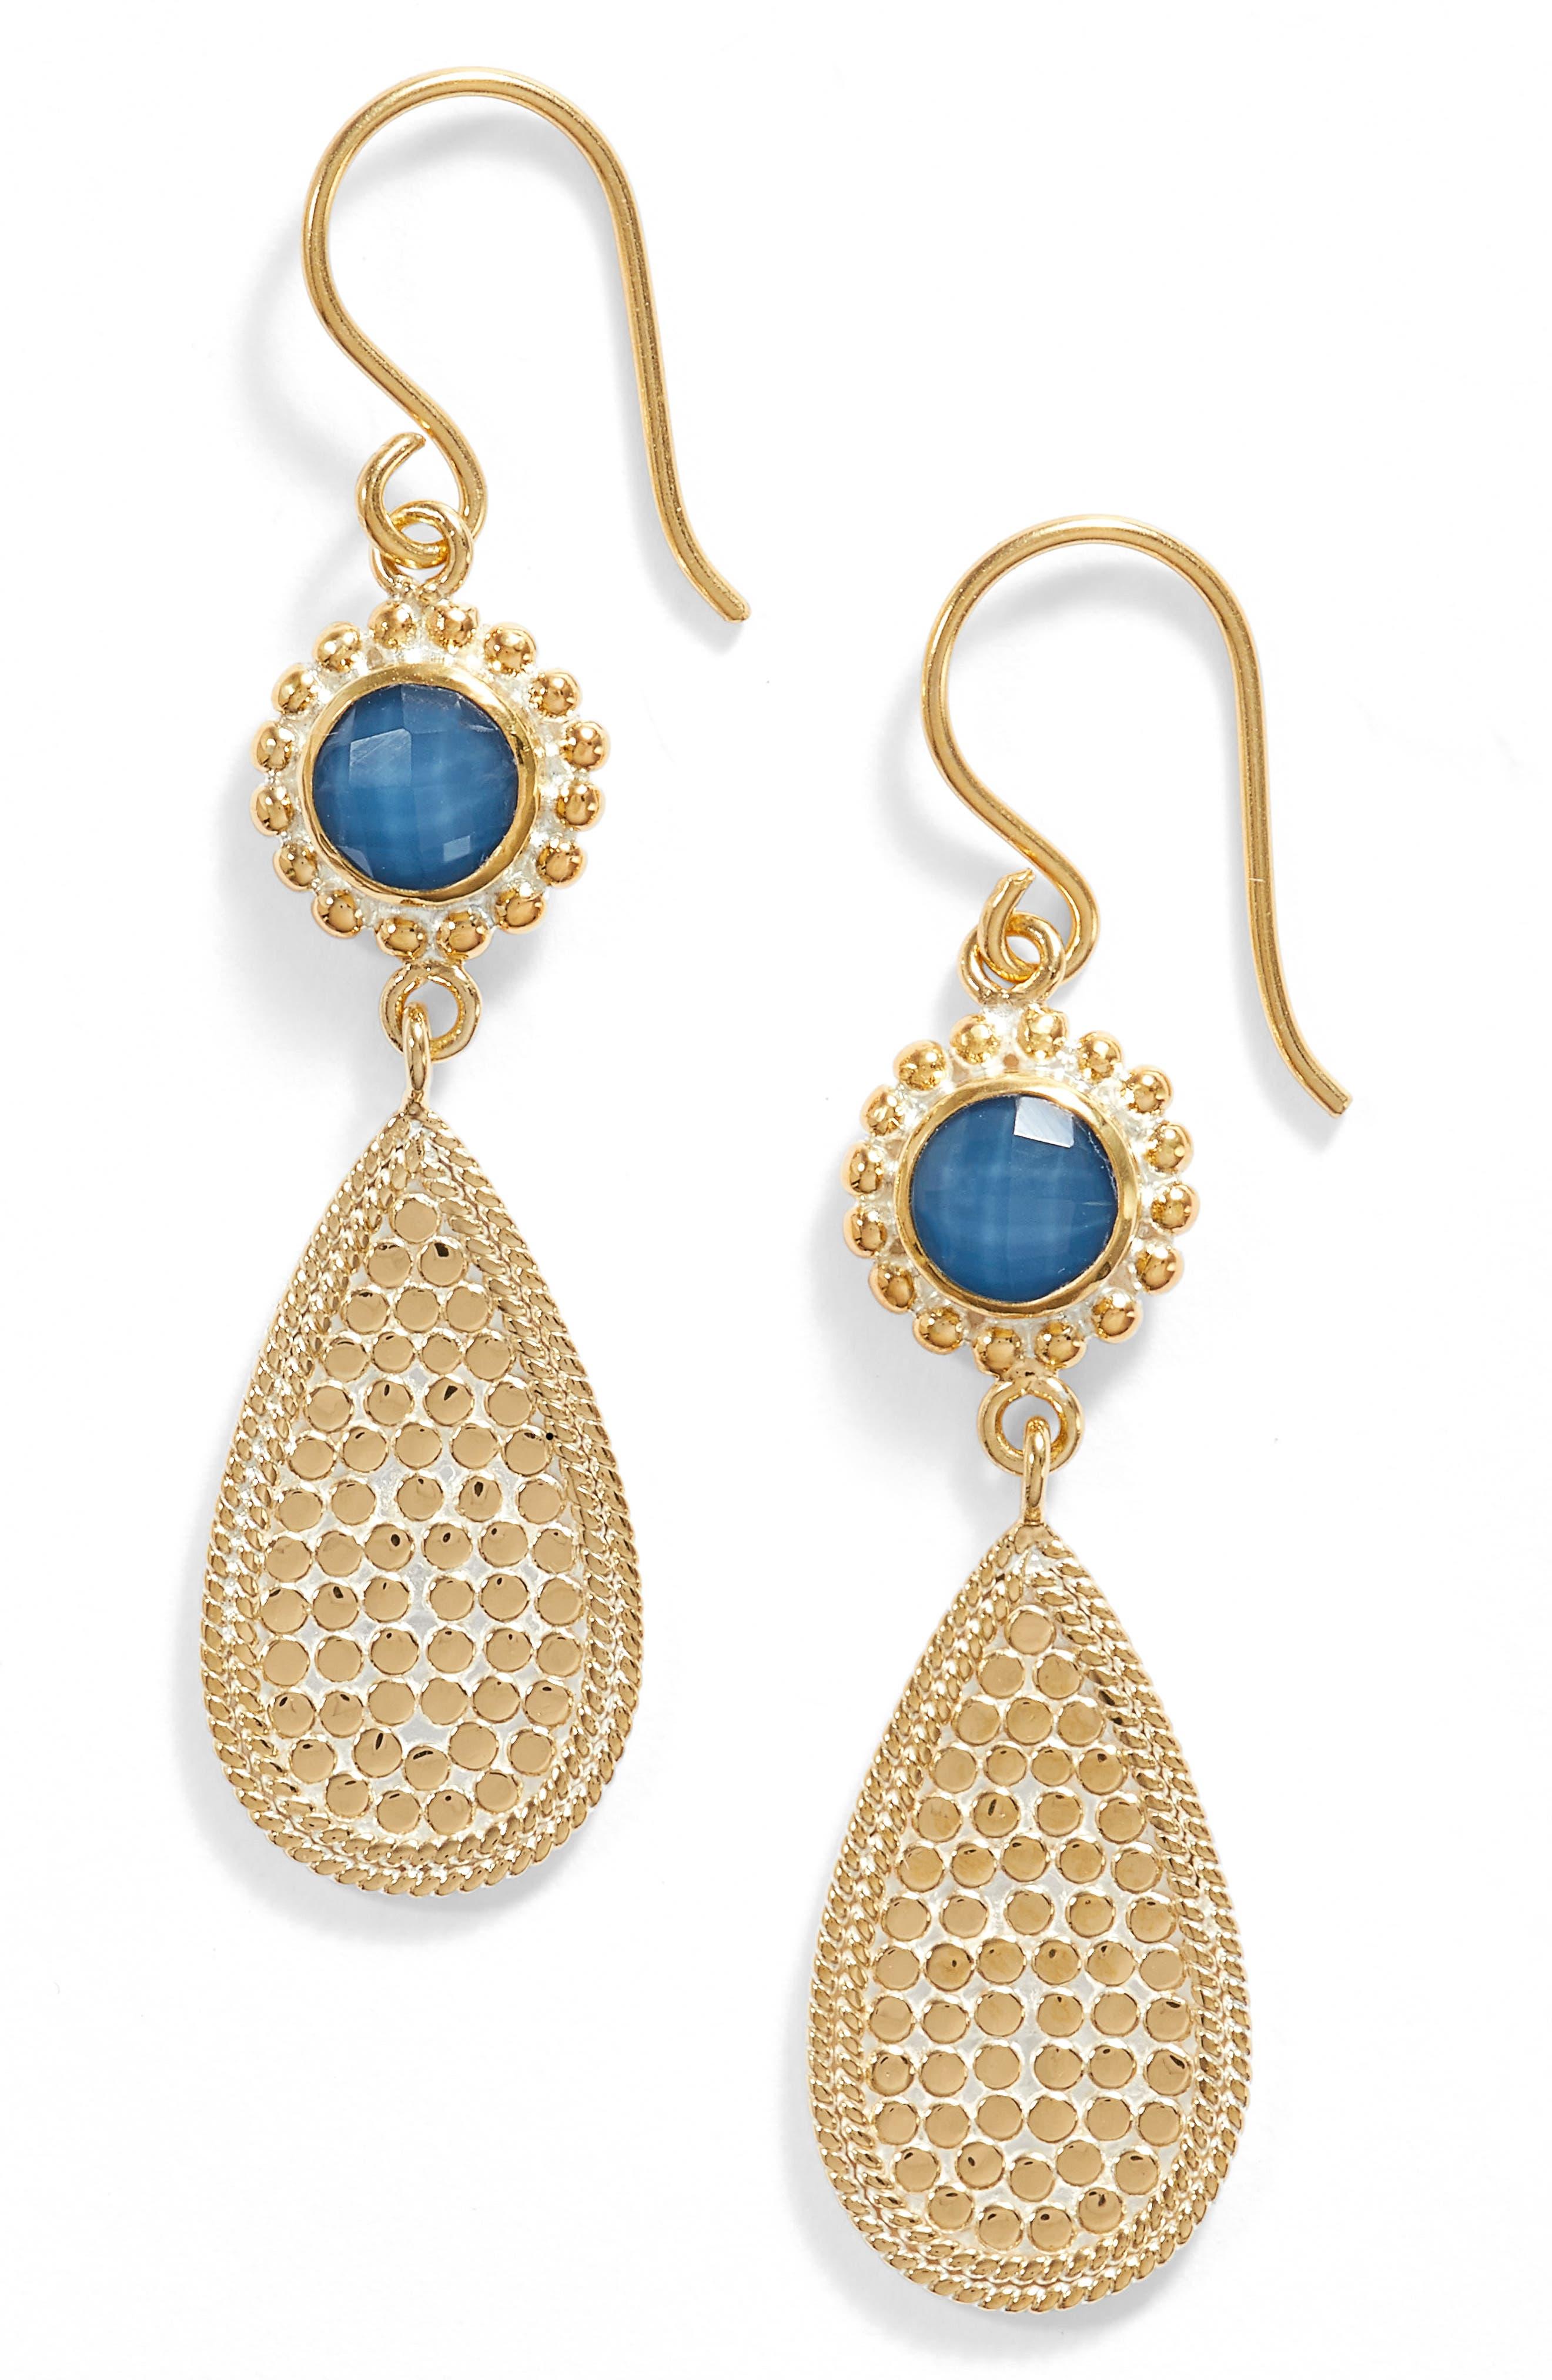 Blue Quartz Double Drop Earrings,                         Main,                         color, Gold/ Blue Quartz